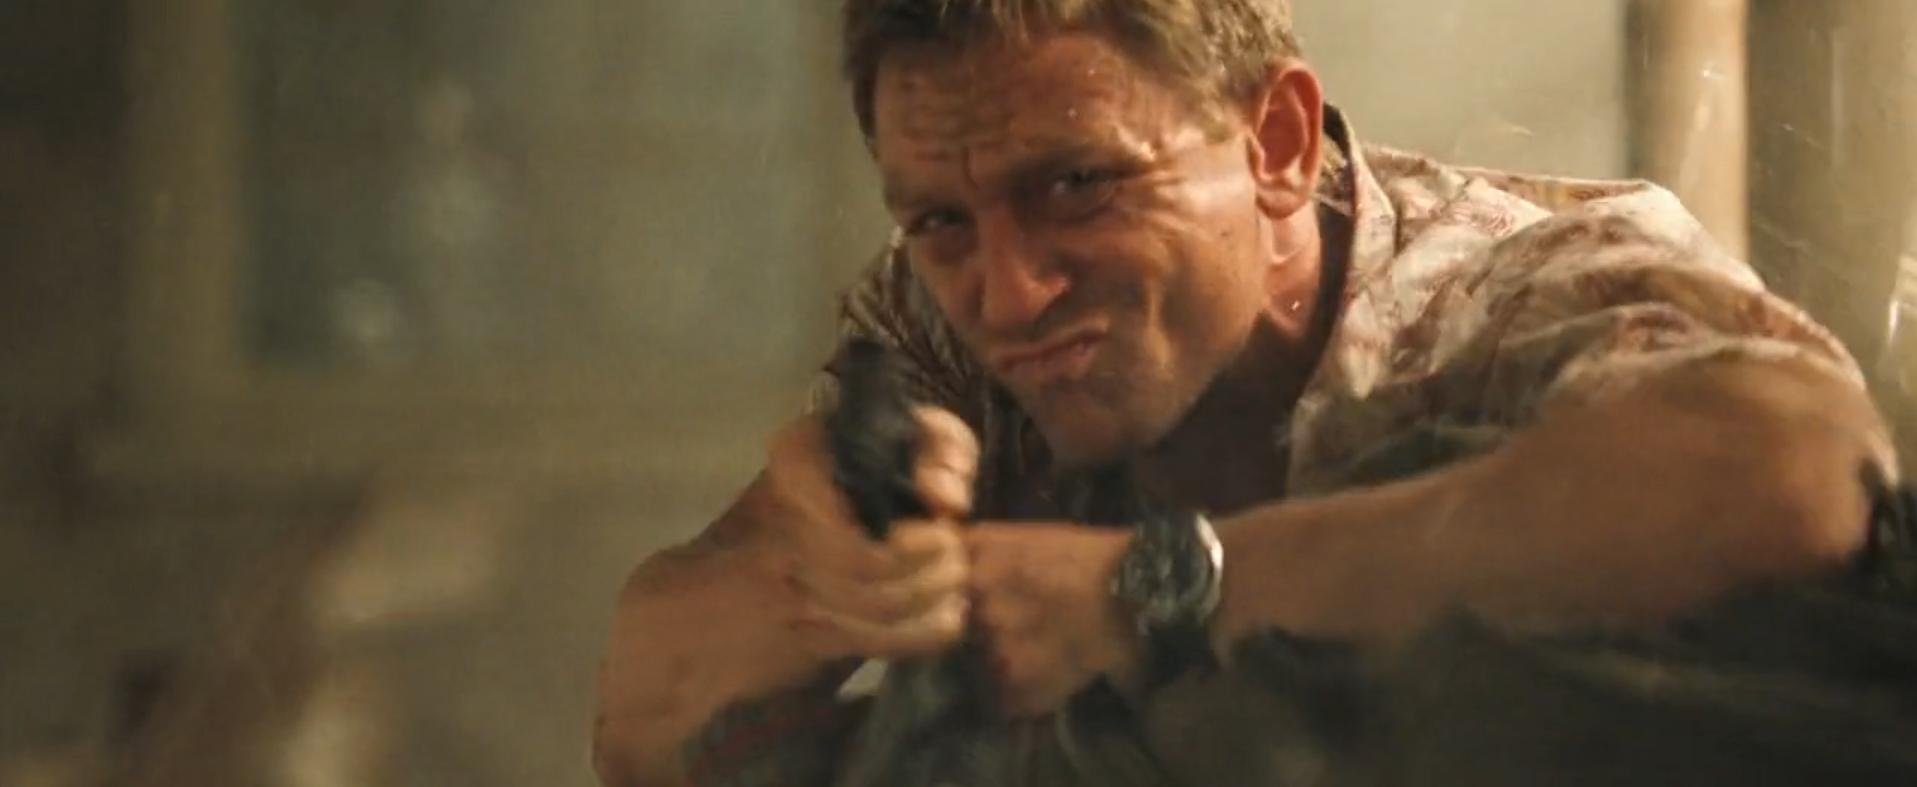 Mr. Craig as James Bond during an intense firefight.